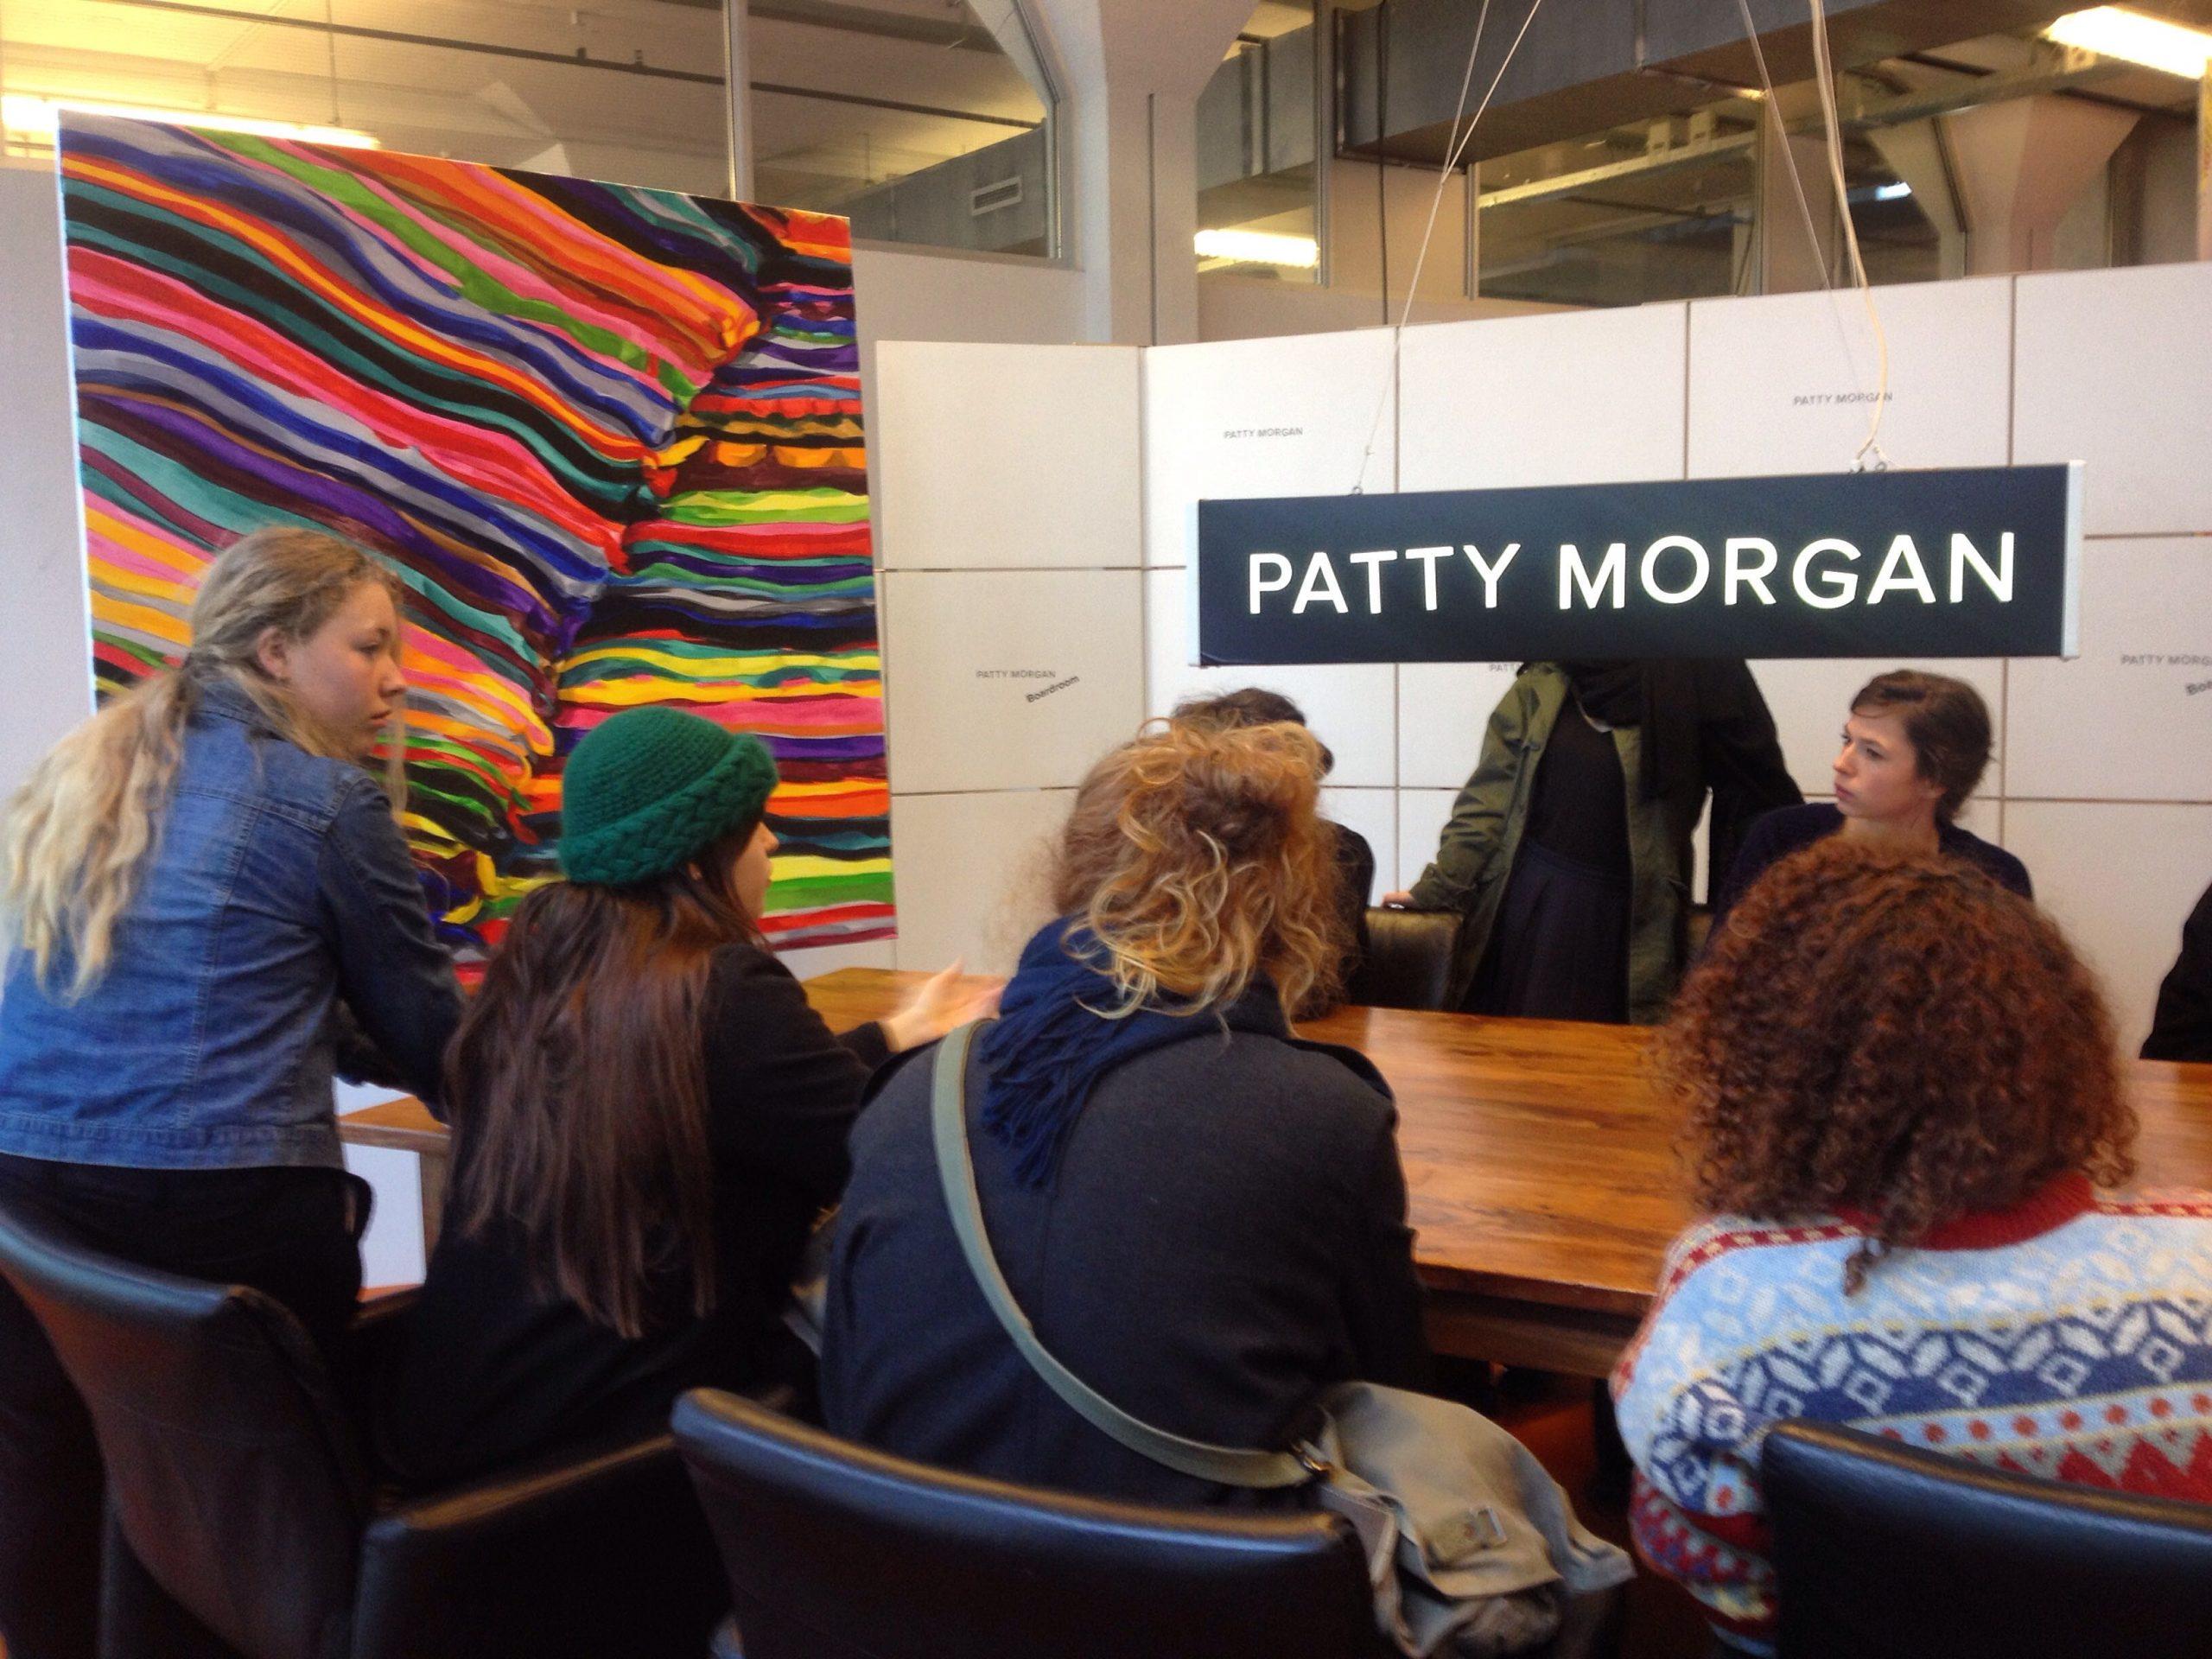 Britt Dorenbosch Patty Morgan Boardroom sessions